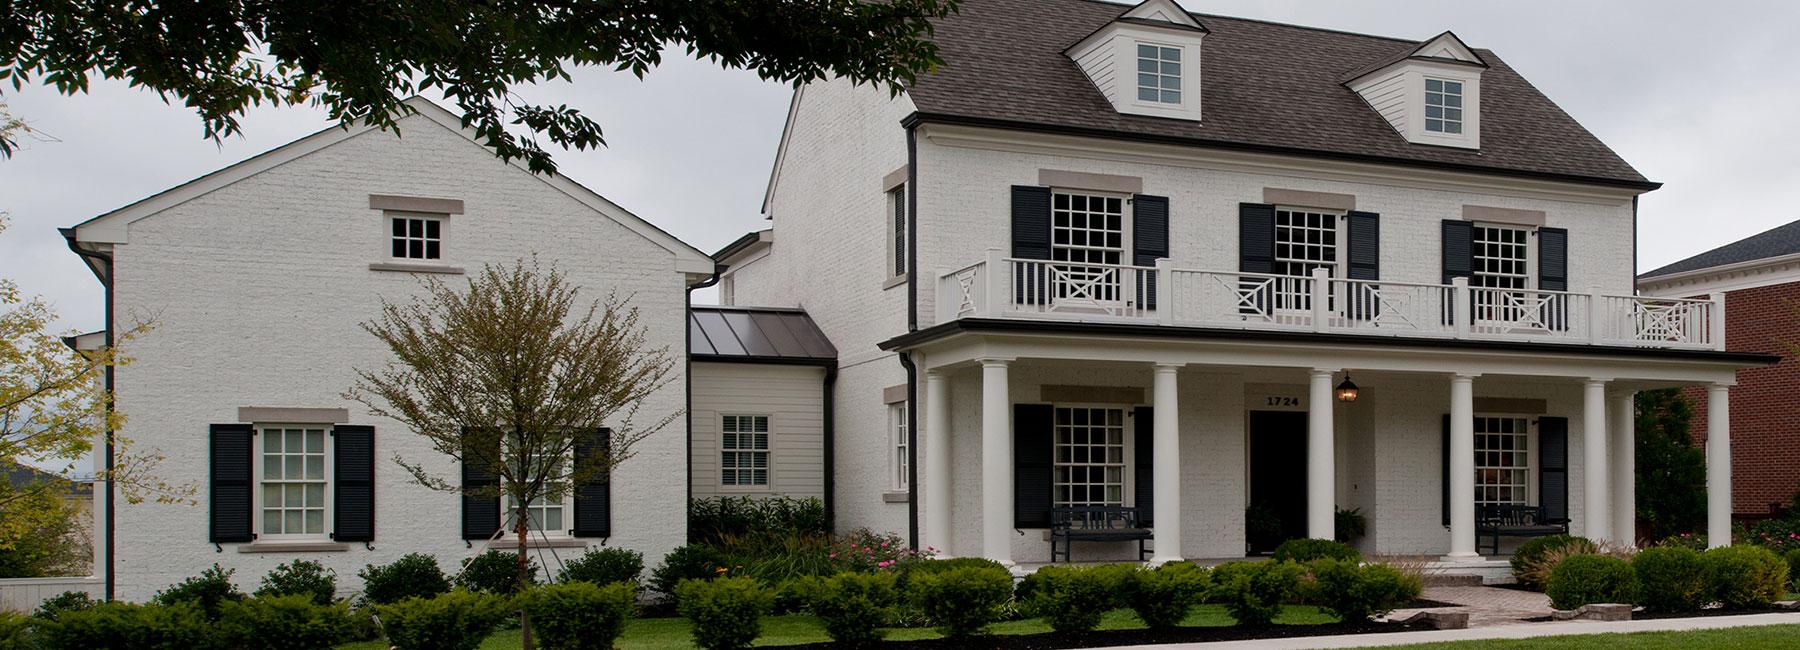 Carbine & Associates Home Builders